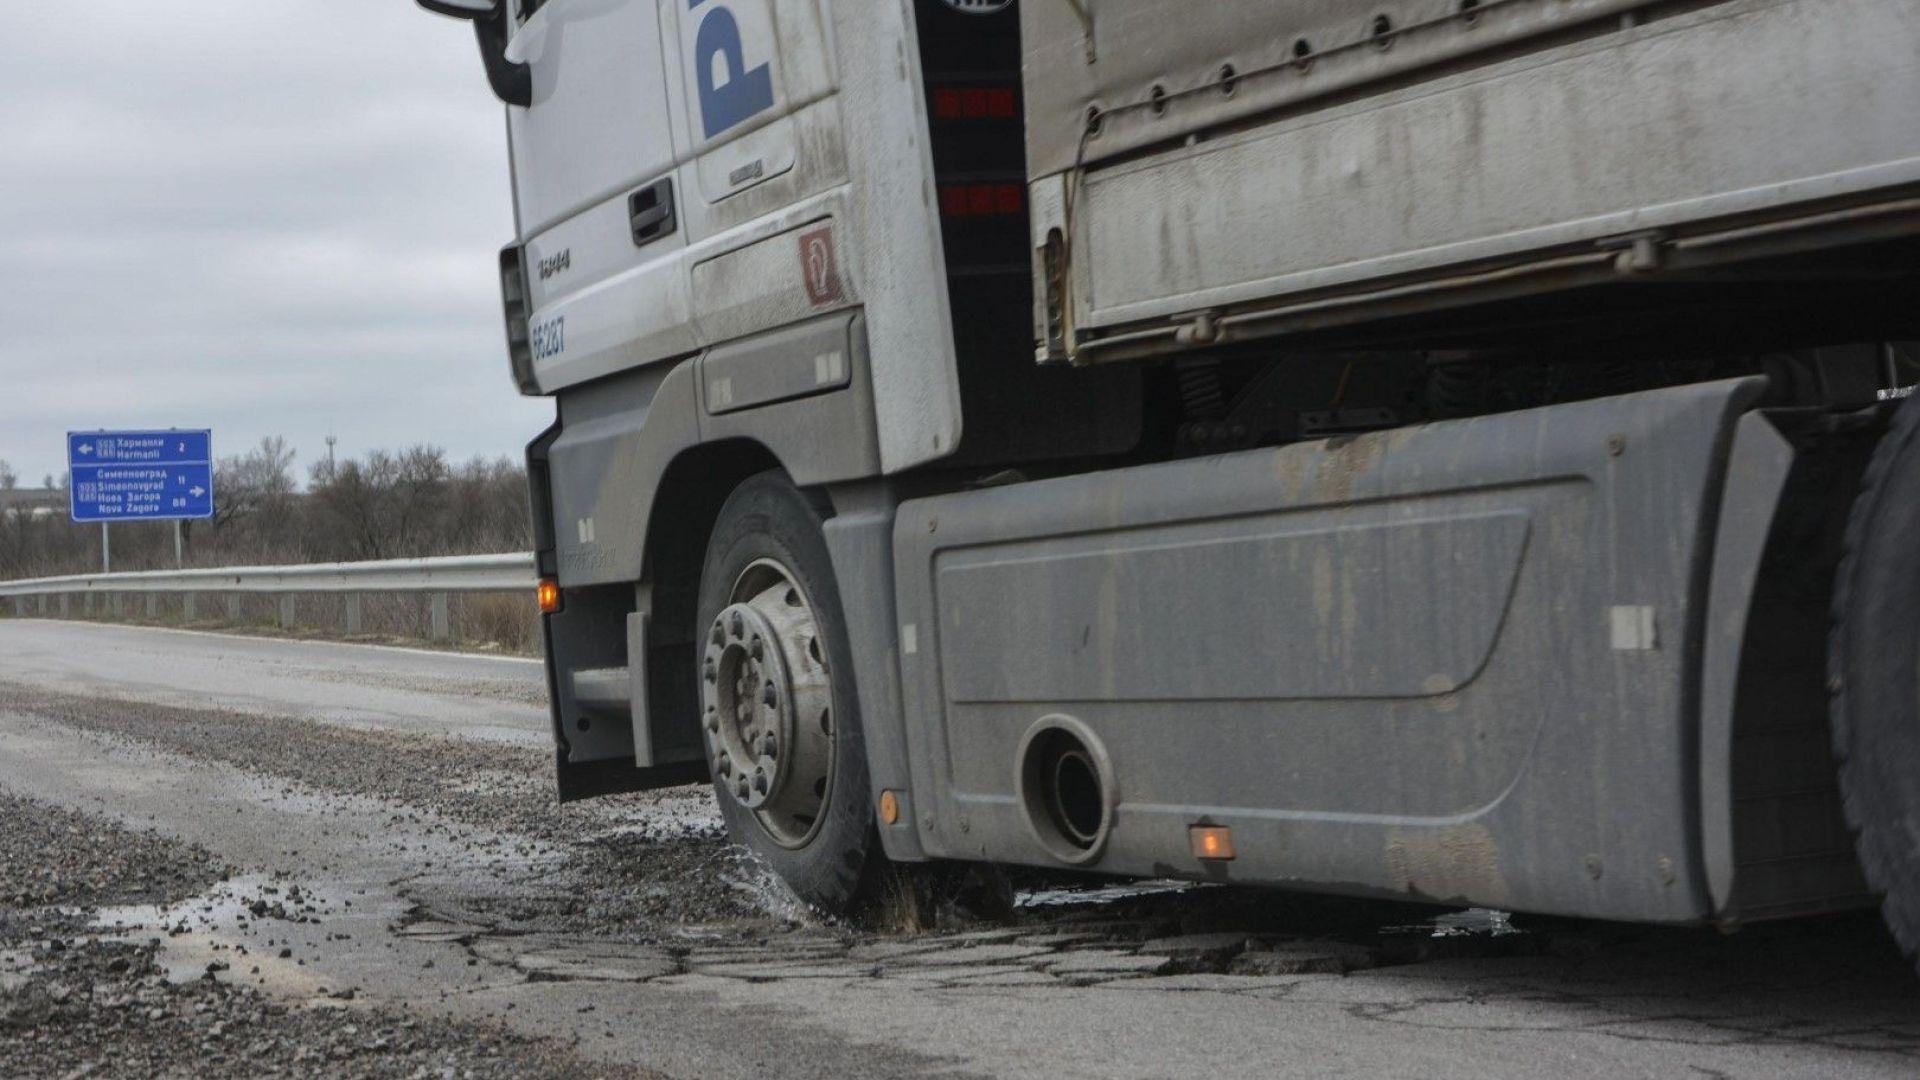 Галъп: Българите пишат среден 3,15 за пътищата у нас